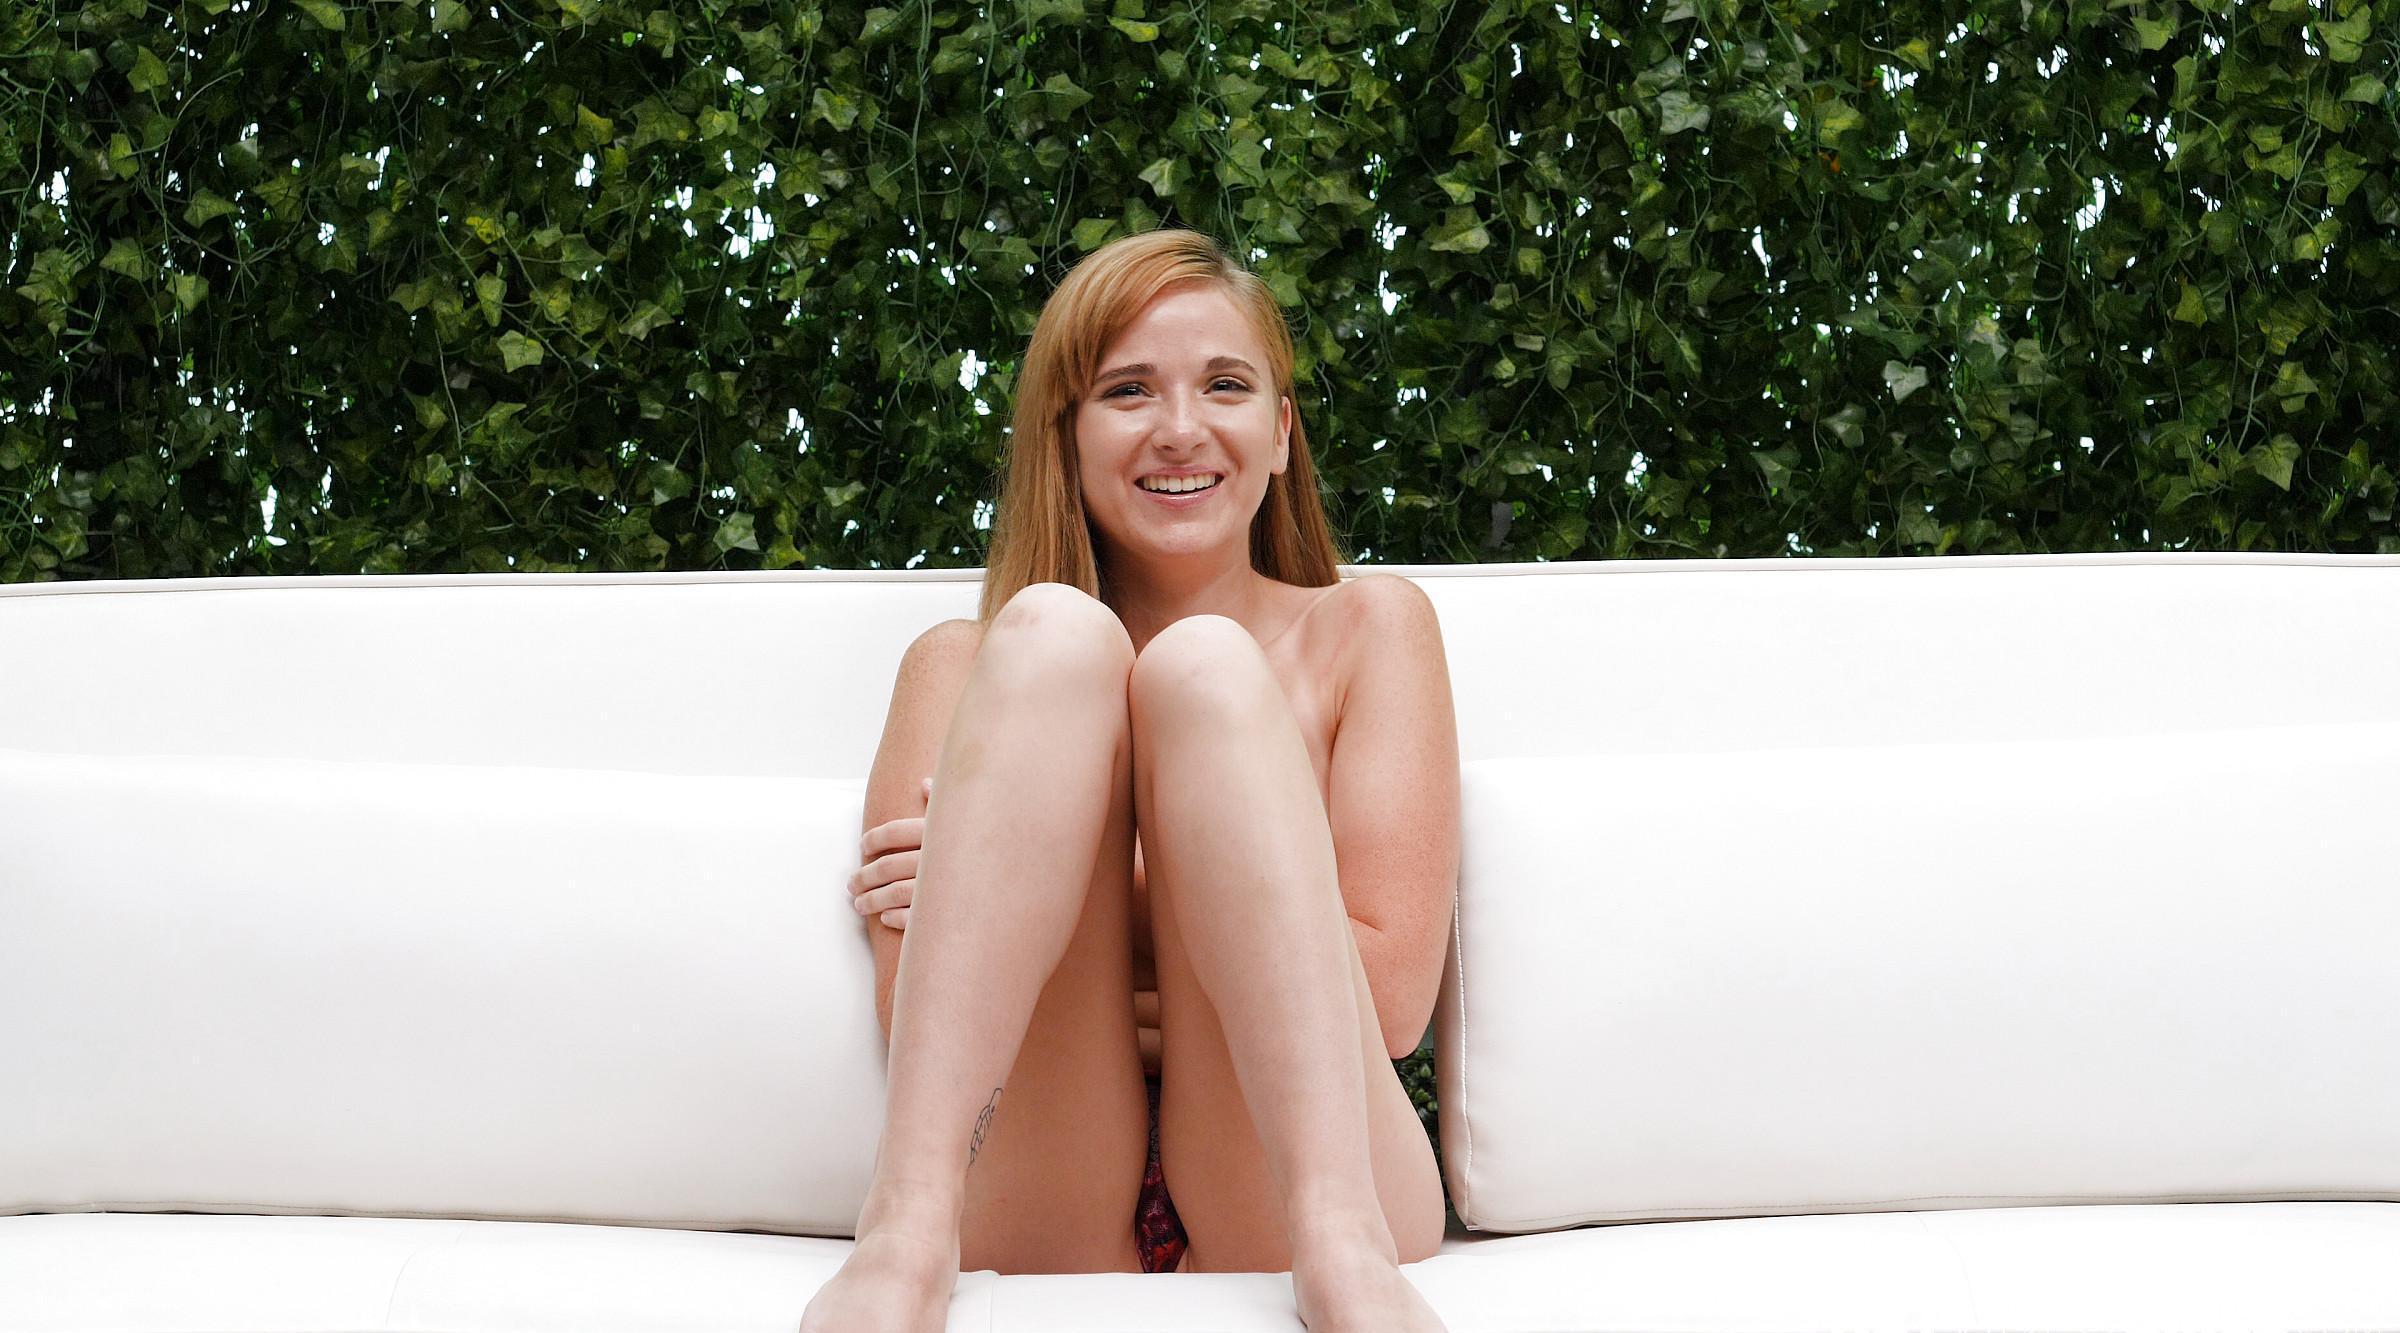 rothaarige freundin dreht ganz schön auf als sie beim ersten casting gefragt wird, ob sie sich auszieht und ihre votze zeigt. picture 2